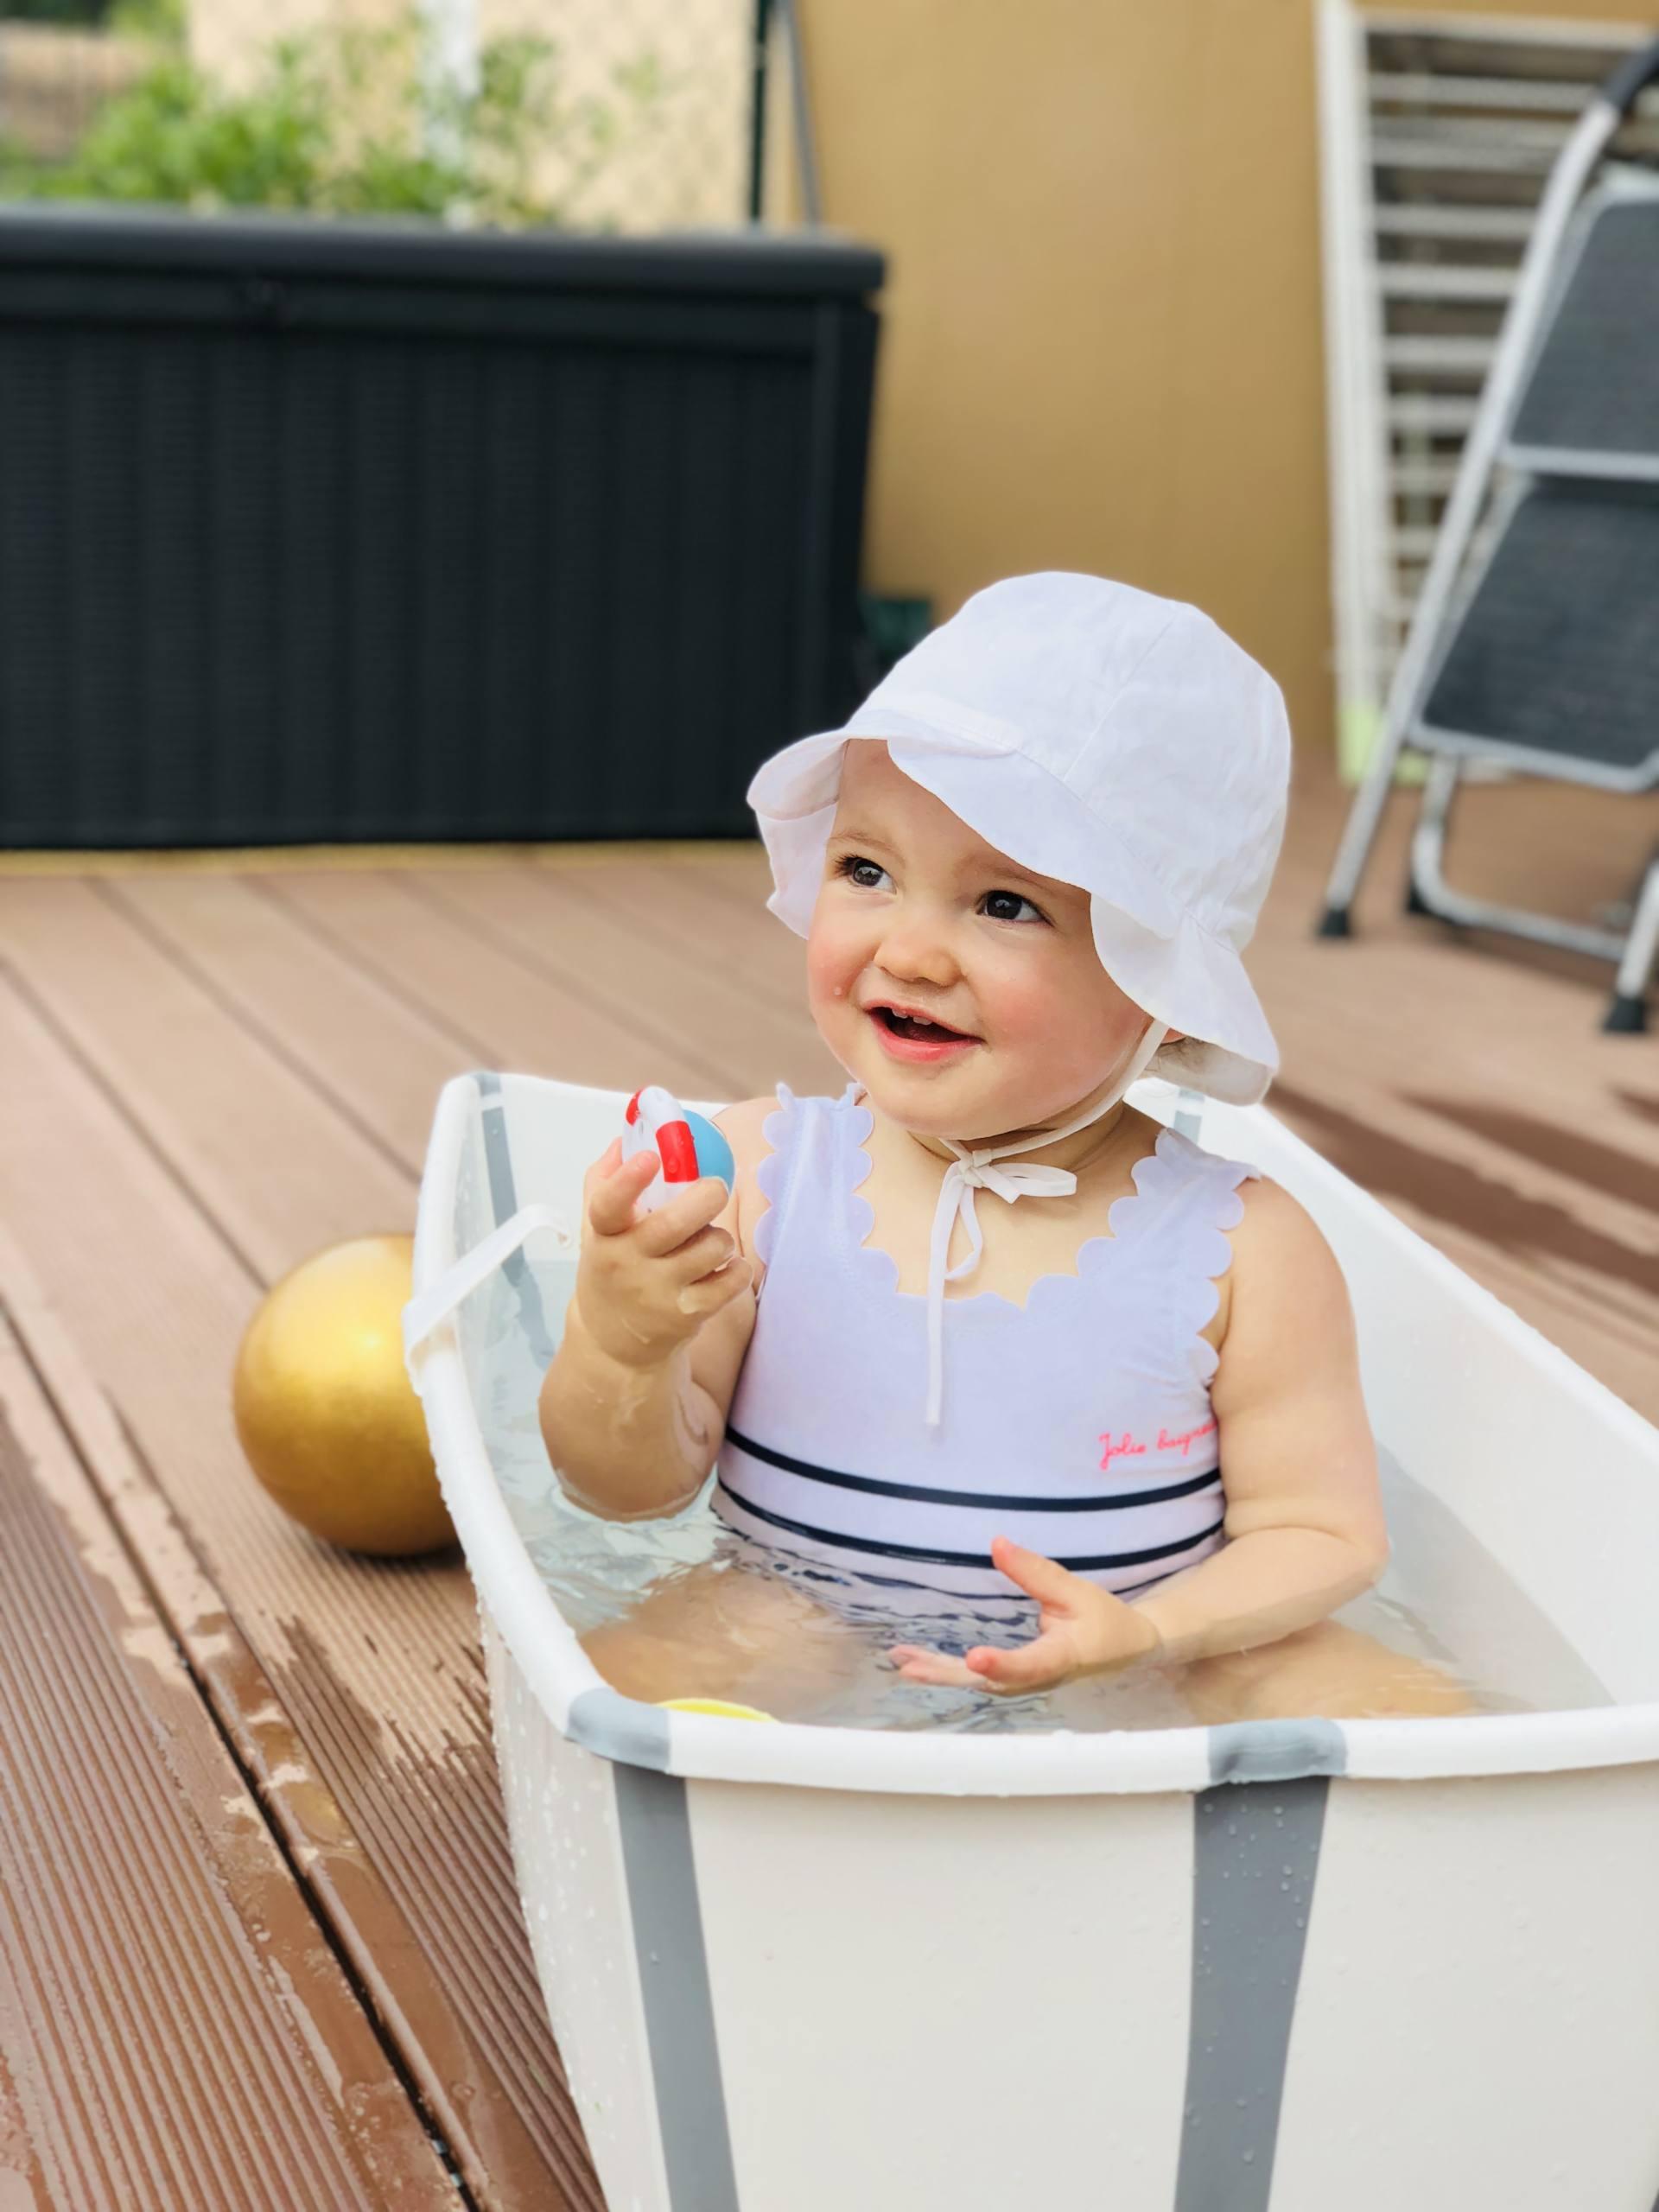 maillot de bain bébé tape à l'oeil